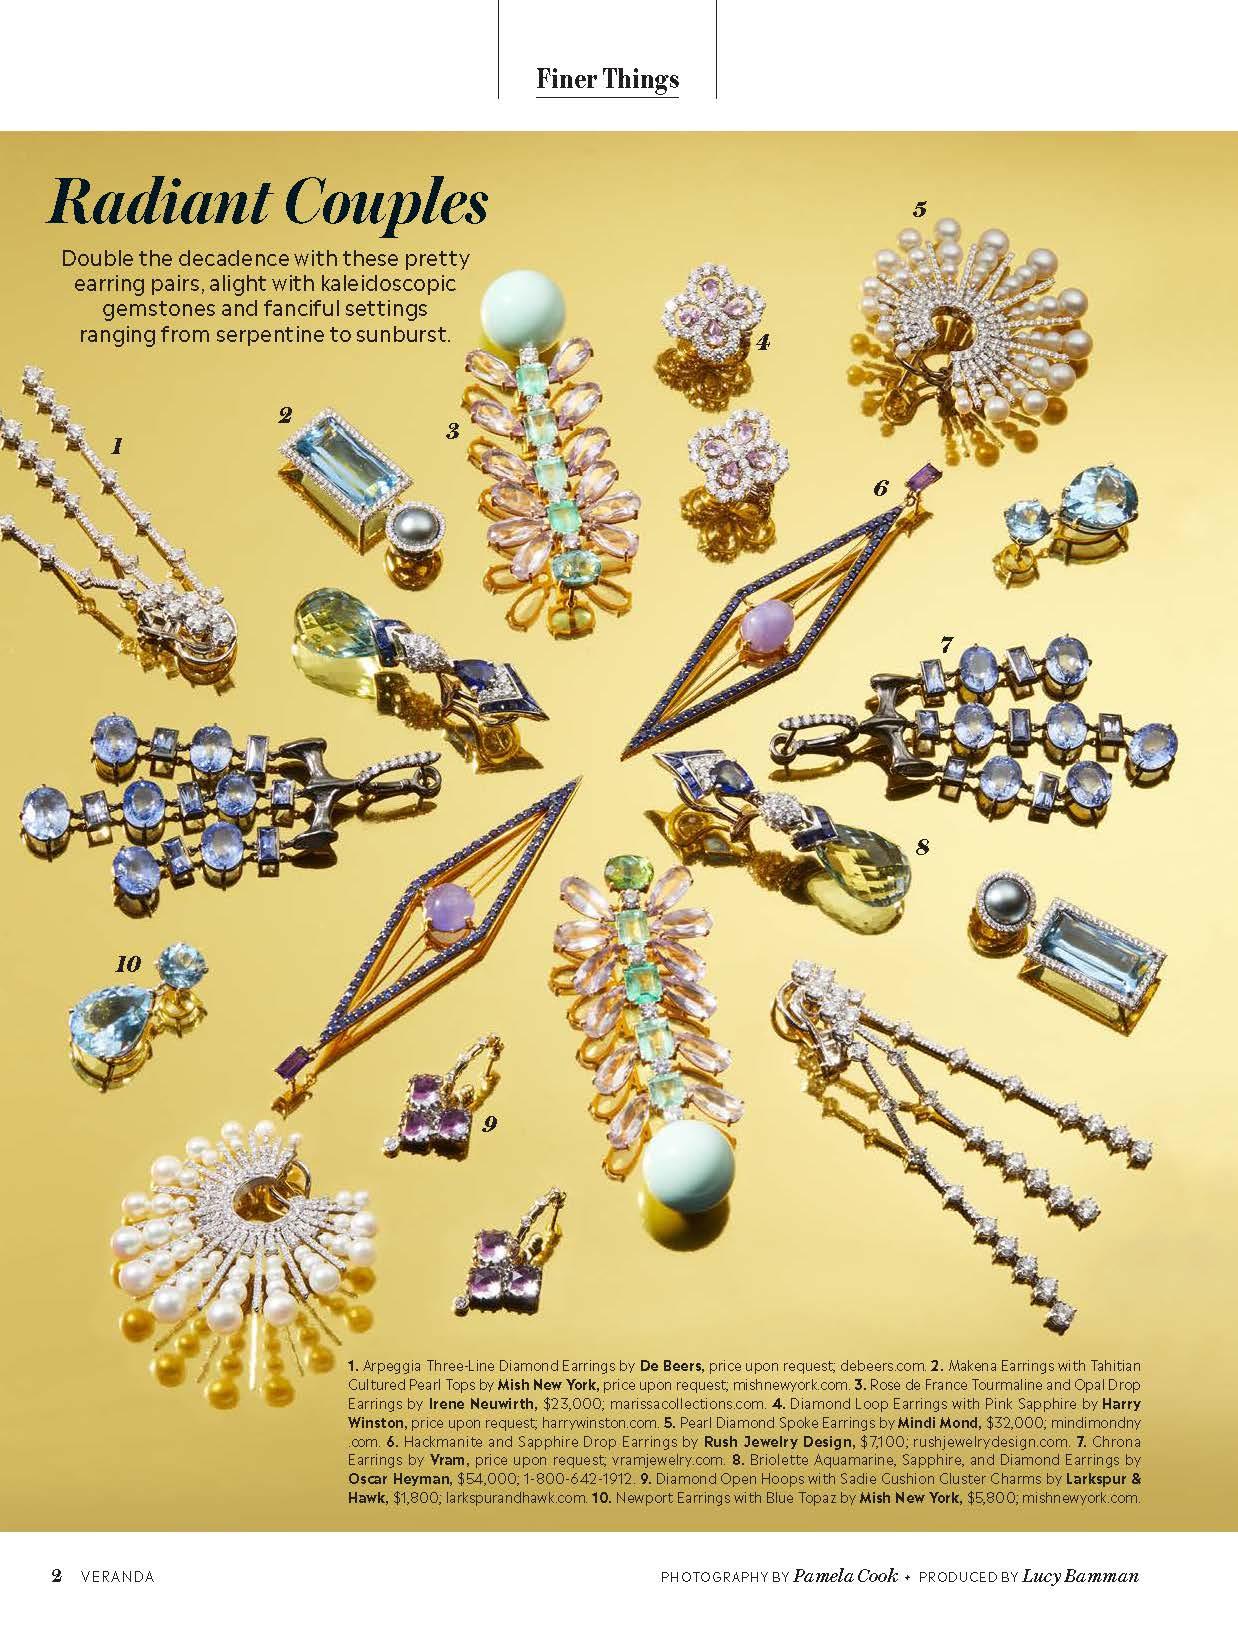 VRAM Jewelry Chrona Sapphire Earrings Veranda Magazine